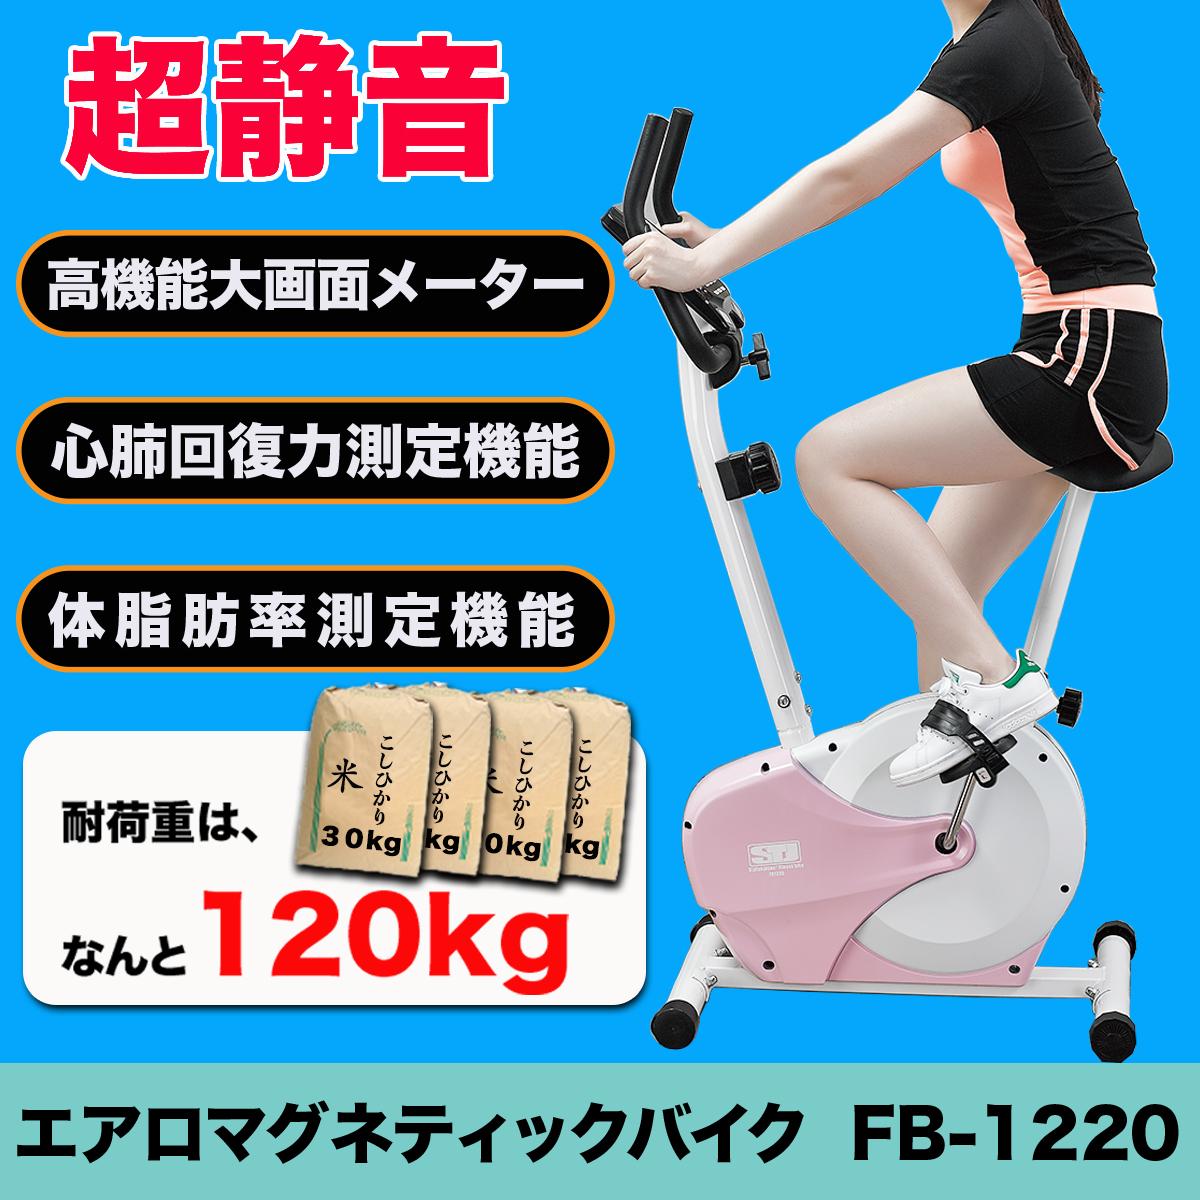 【マラソン期間限定PT10倍】エアロマグネティック バイクFB-1220 丈夫 安定 超静音 耐荷重120kg フィットネスバイク 有酸素運動 ダイエット